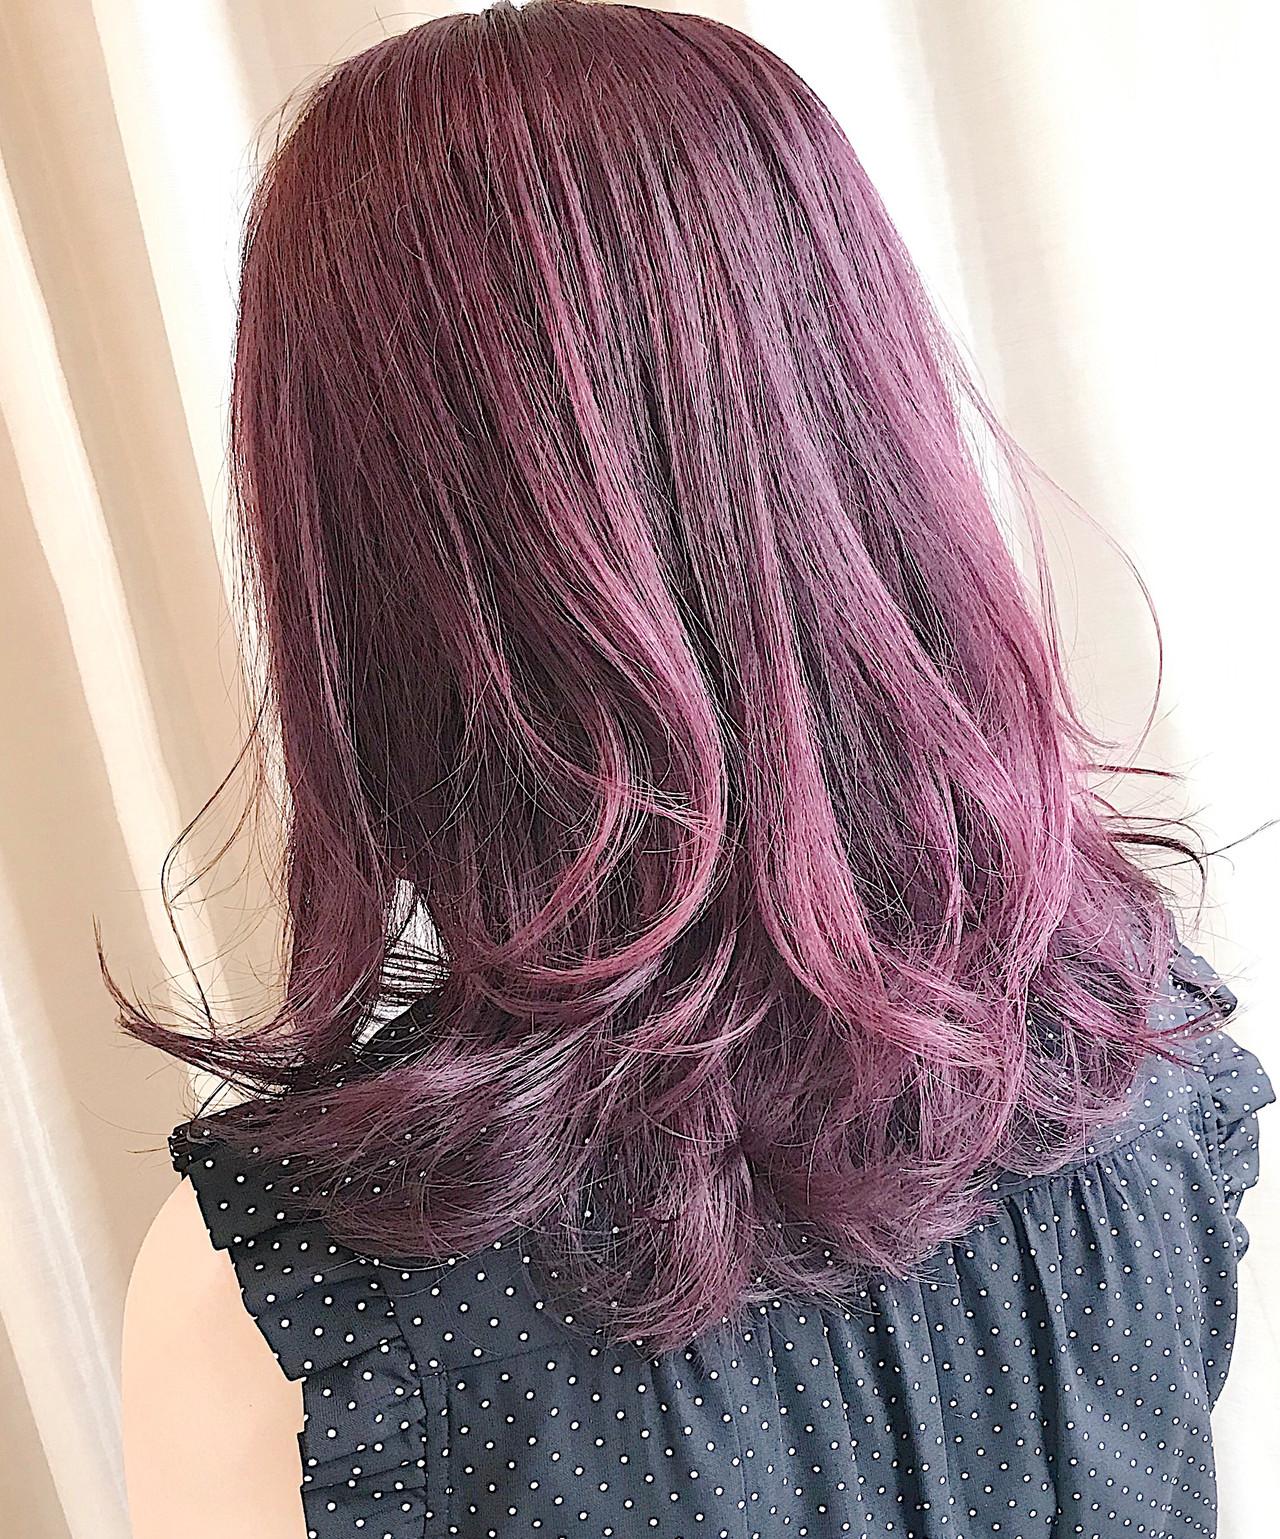 ピンクラベンダー ナチュラル ミディアム ピンクバイオレット ヘアスタイルや髪型の写真・画像 | 内田 一也 / hair/nail space a:le